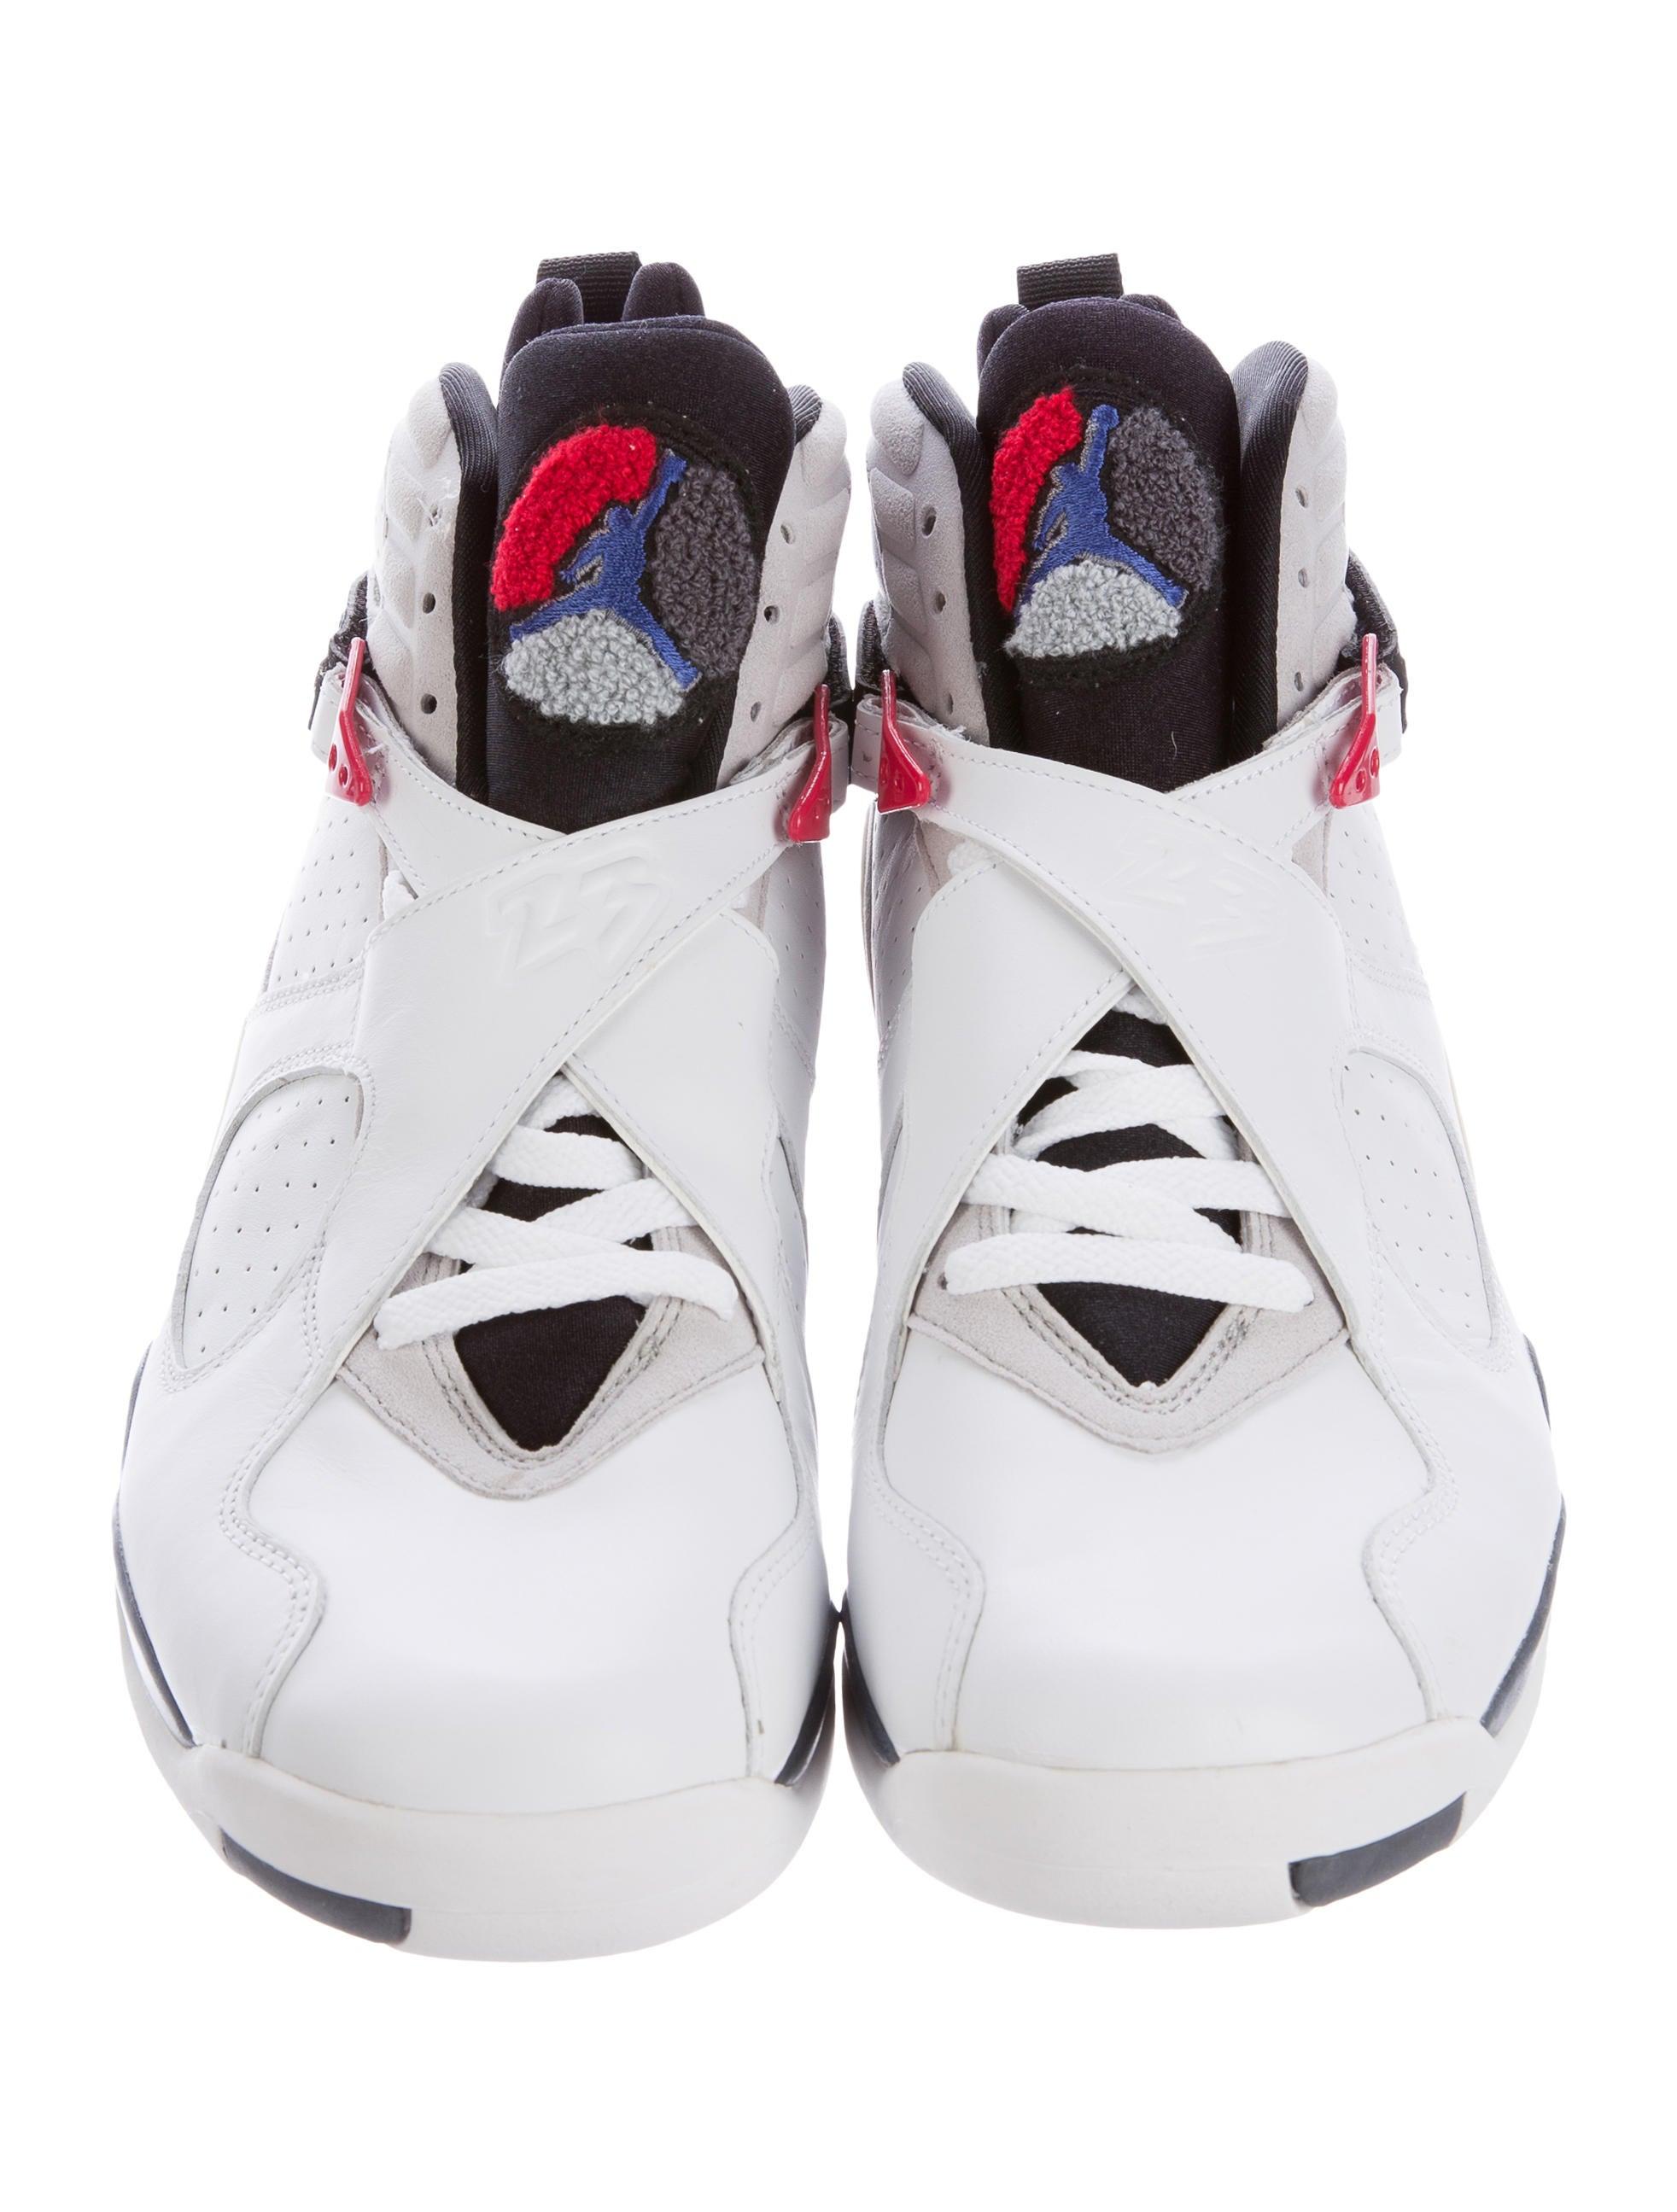 Nike Air Jordan 8 Retro High Top Sneakers Shoes